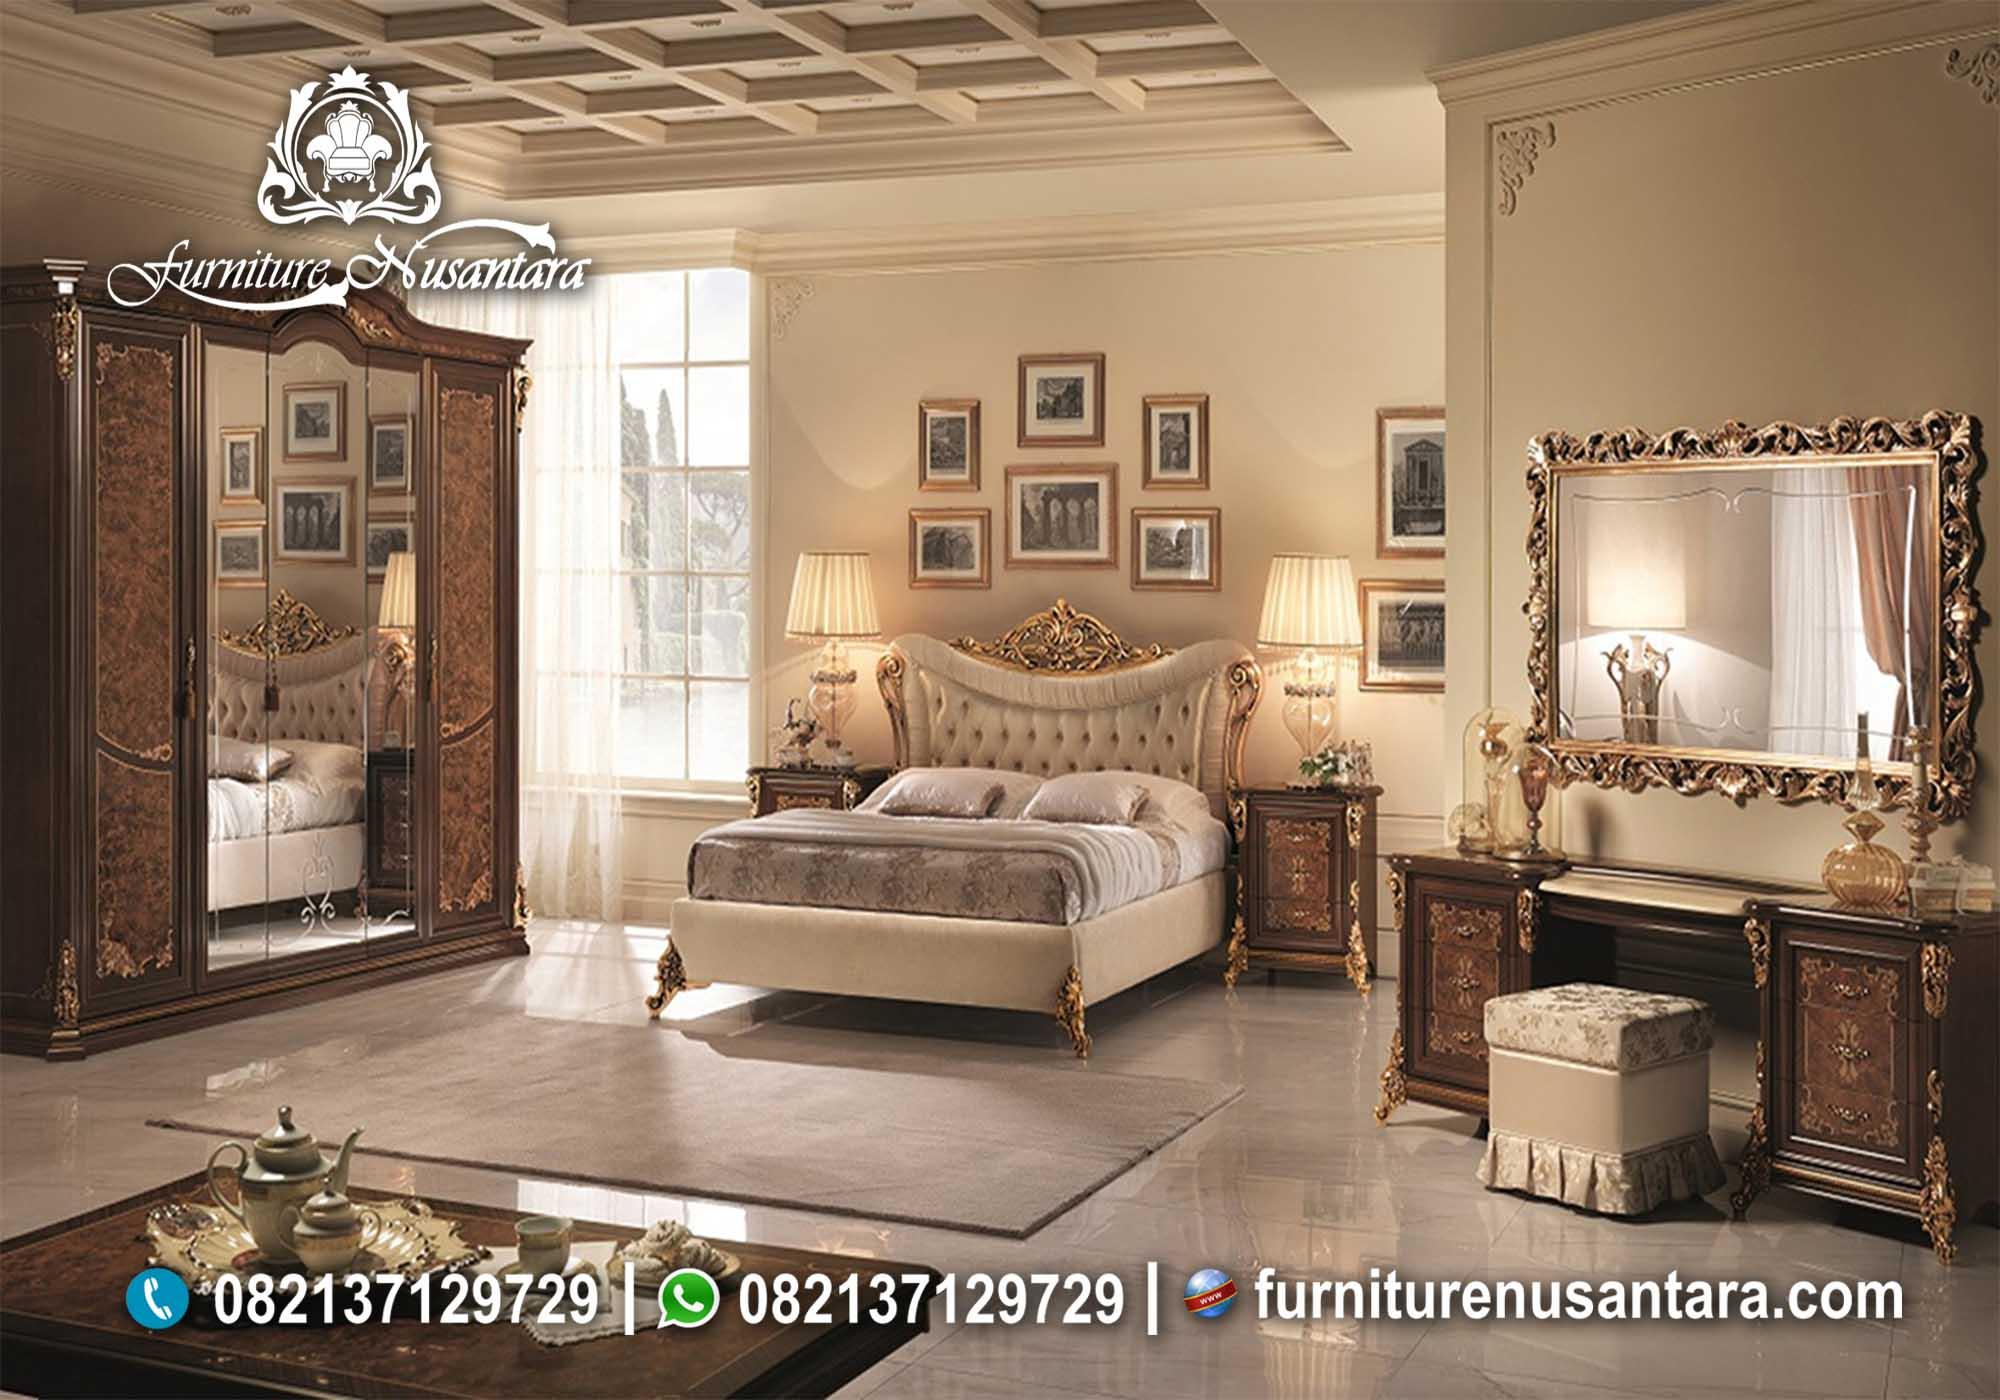 Kamar Set Klasik Luxury KS-96, Furniture Nusantara